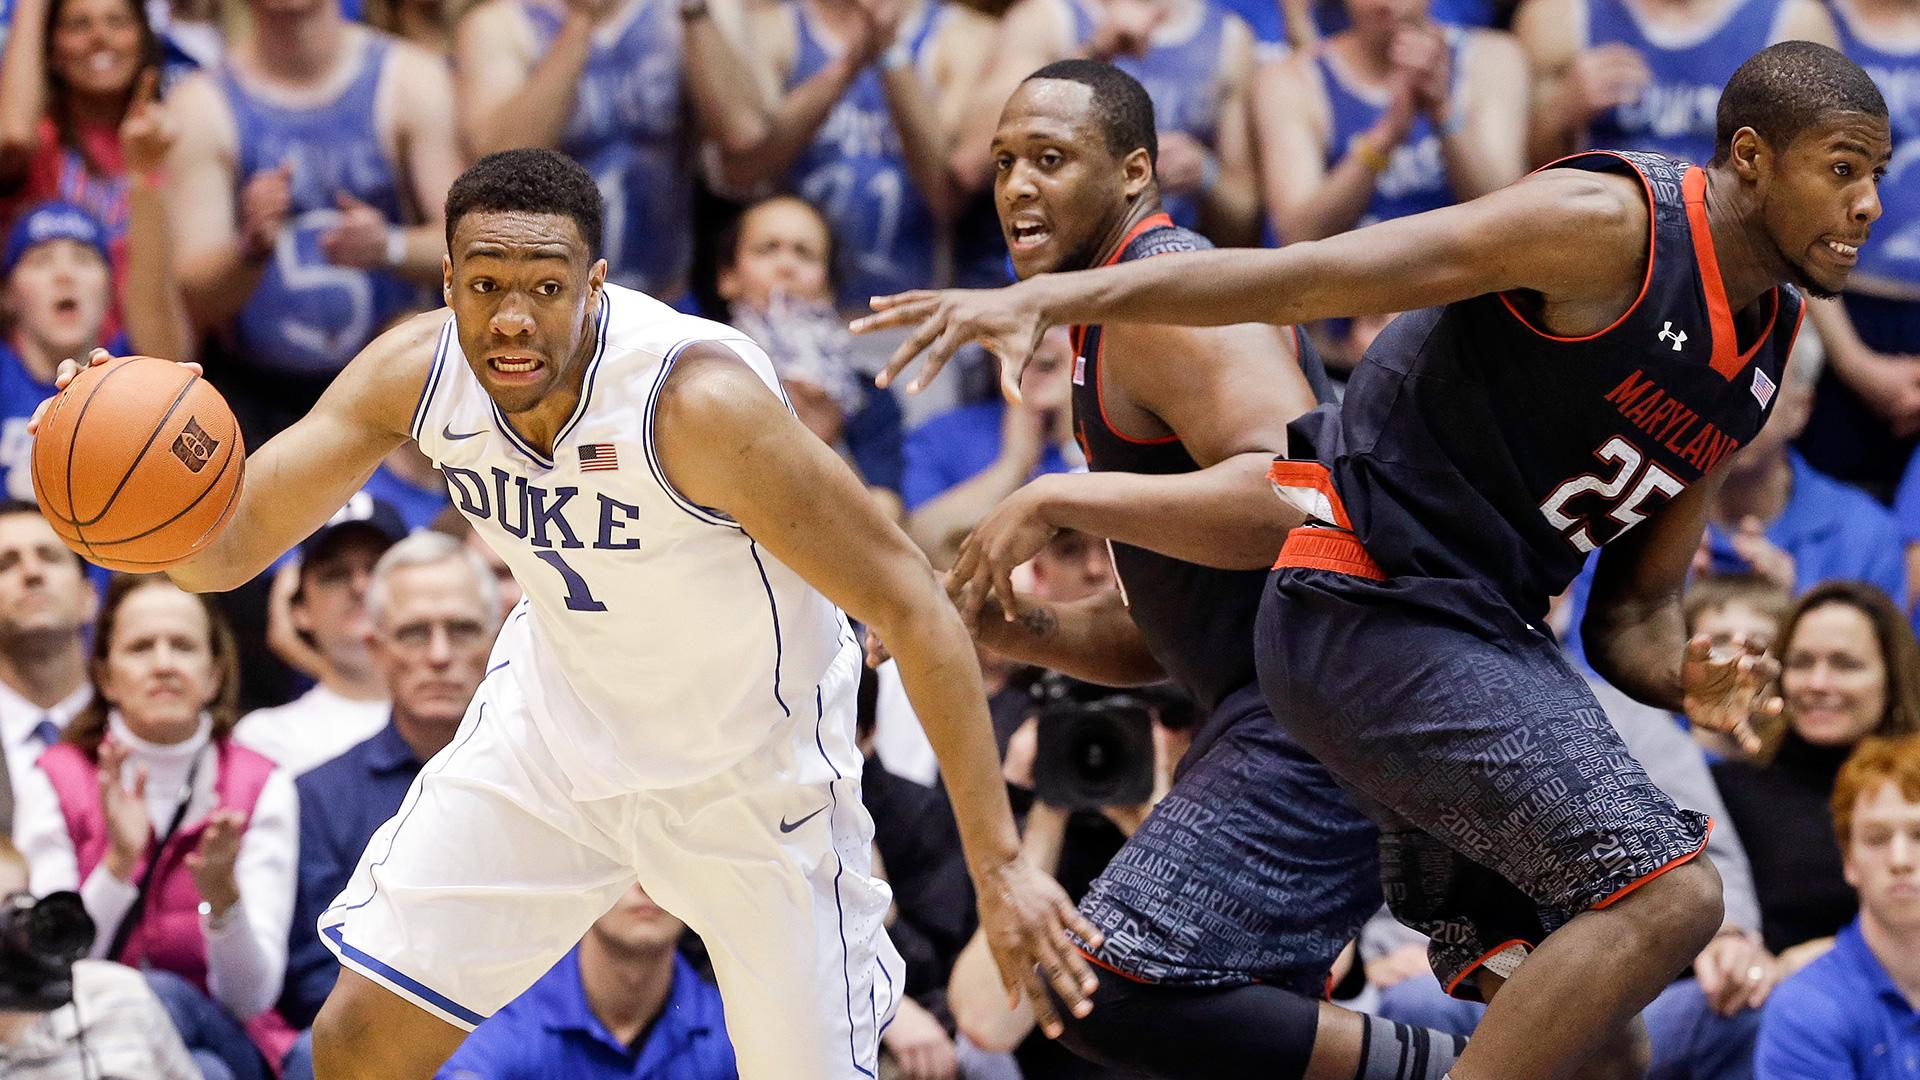 Dukes Parker Picks Up Honor